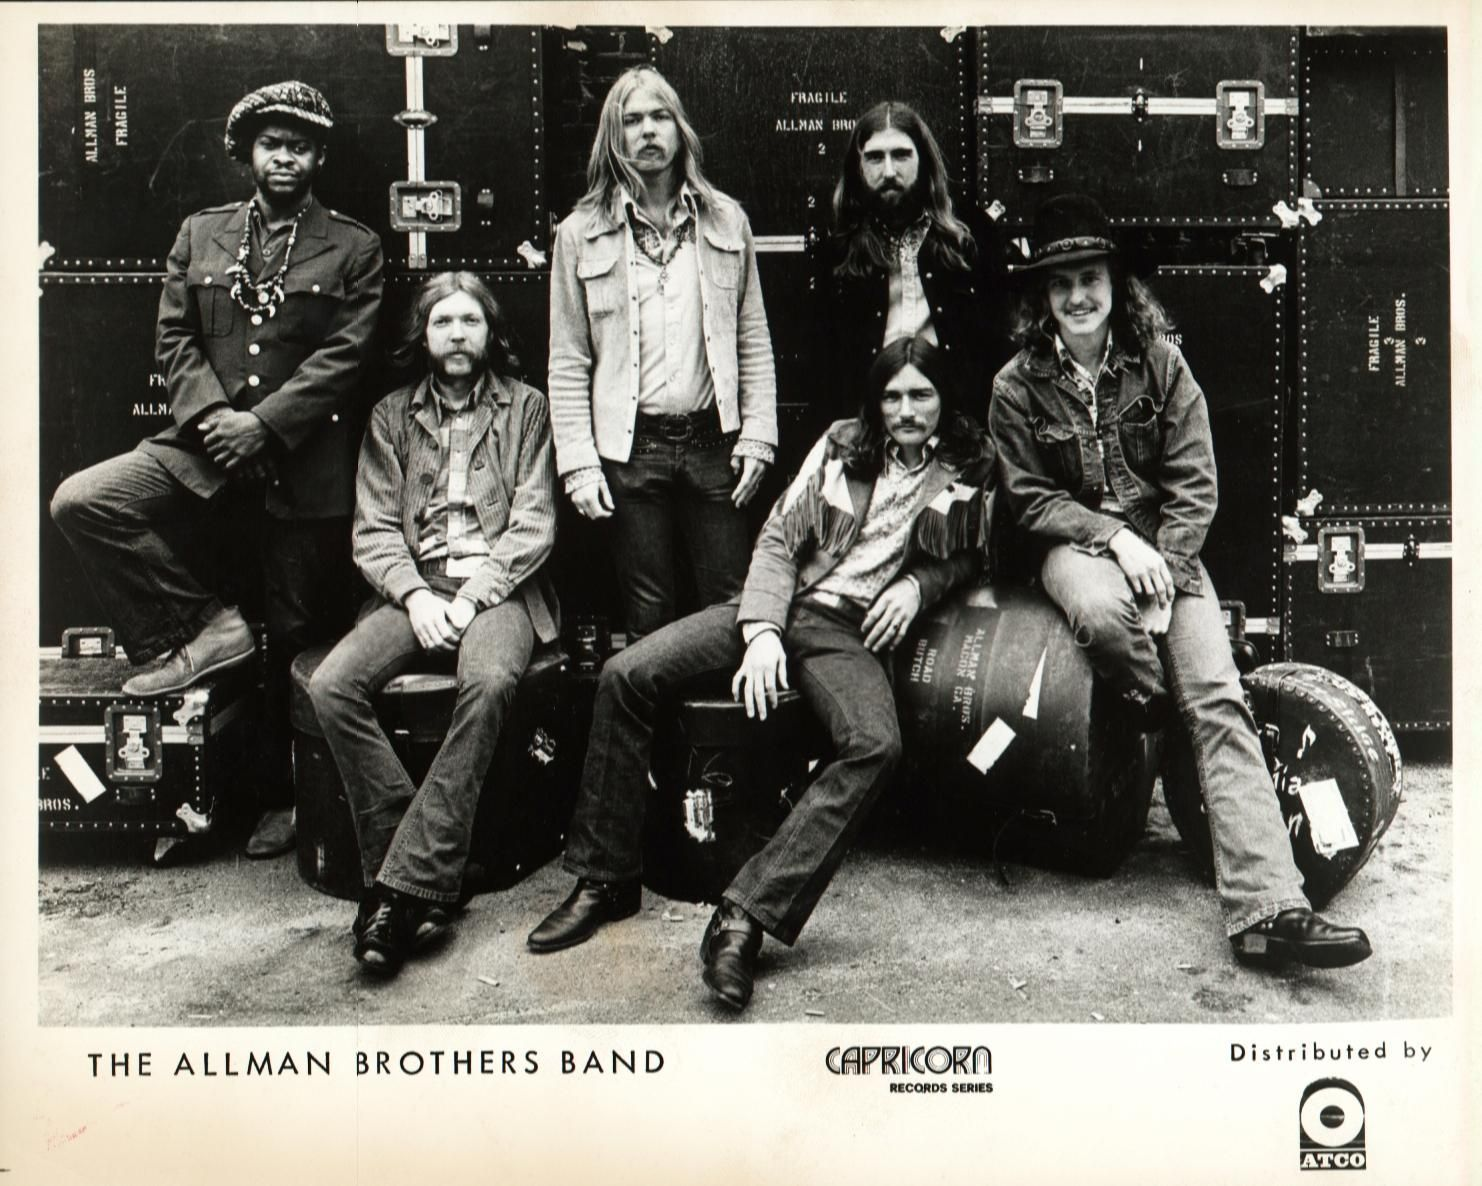 ¿En qué sala de conciertos se grabó el directo que lanzó a la fama a The Allman Brothers Band?